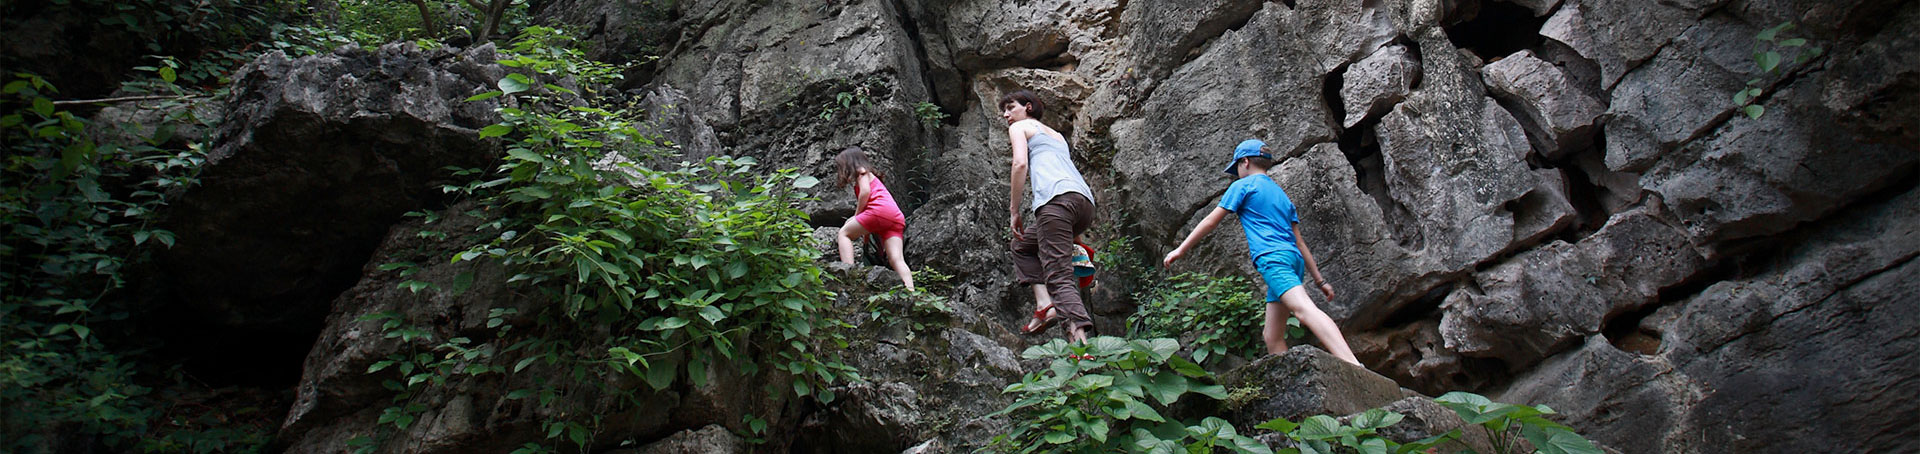 Famille escaladant une falaise